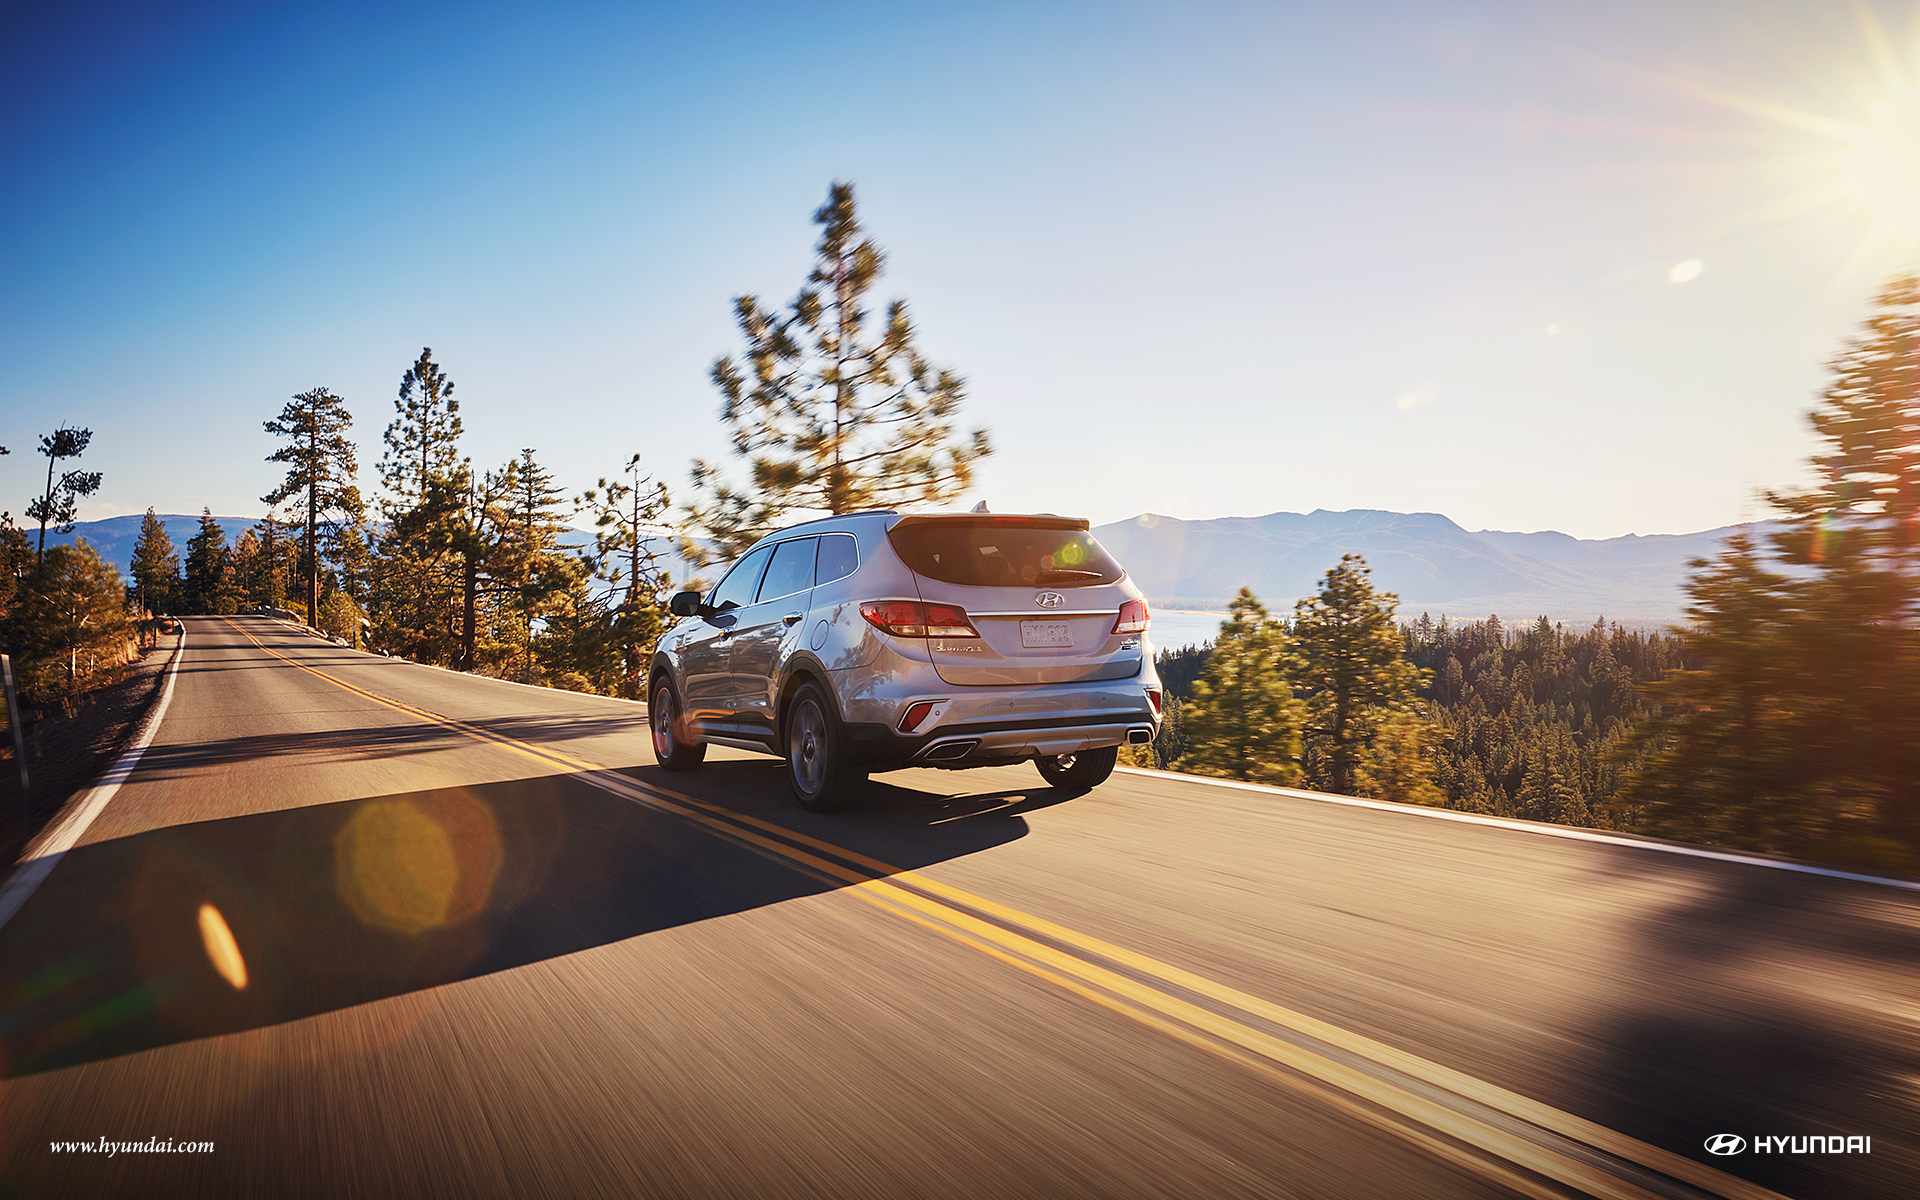 2017 Hyundai Santa Fe vs 2017 Toyota Highlander near Fairfax VA